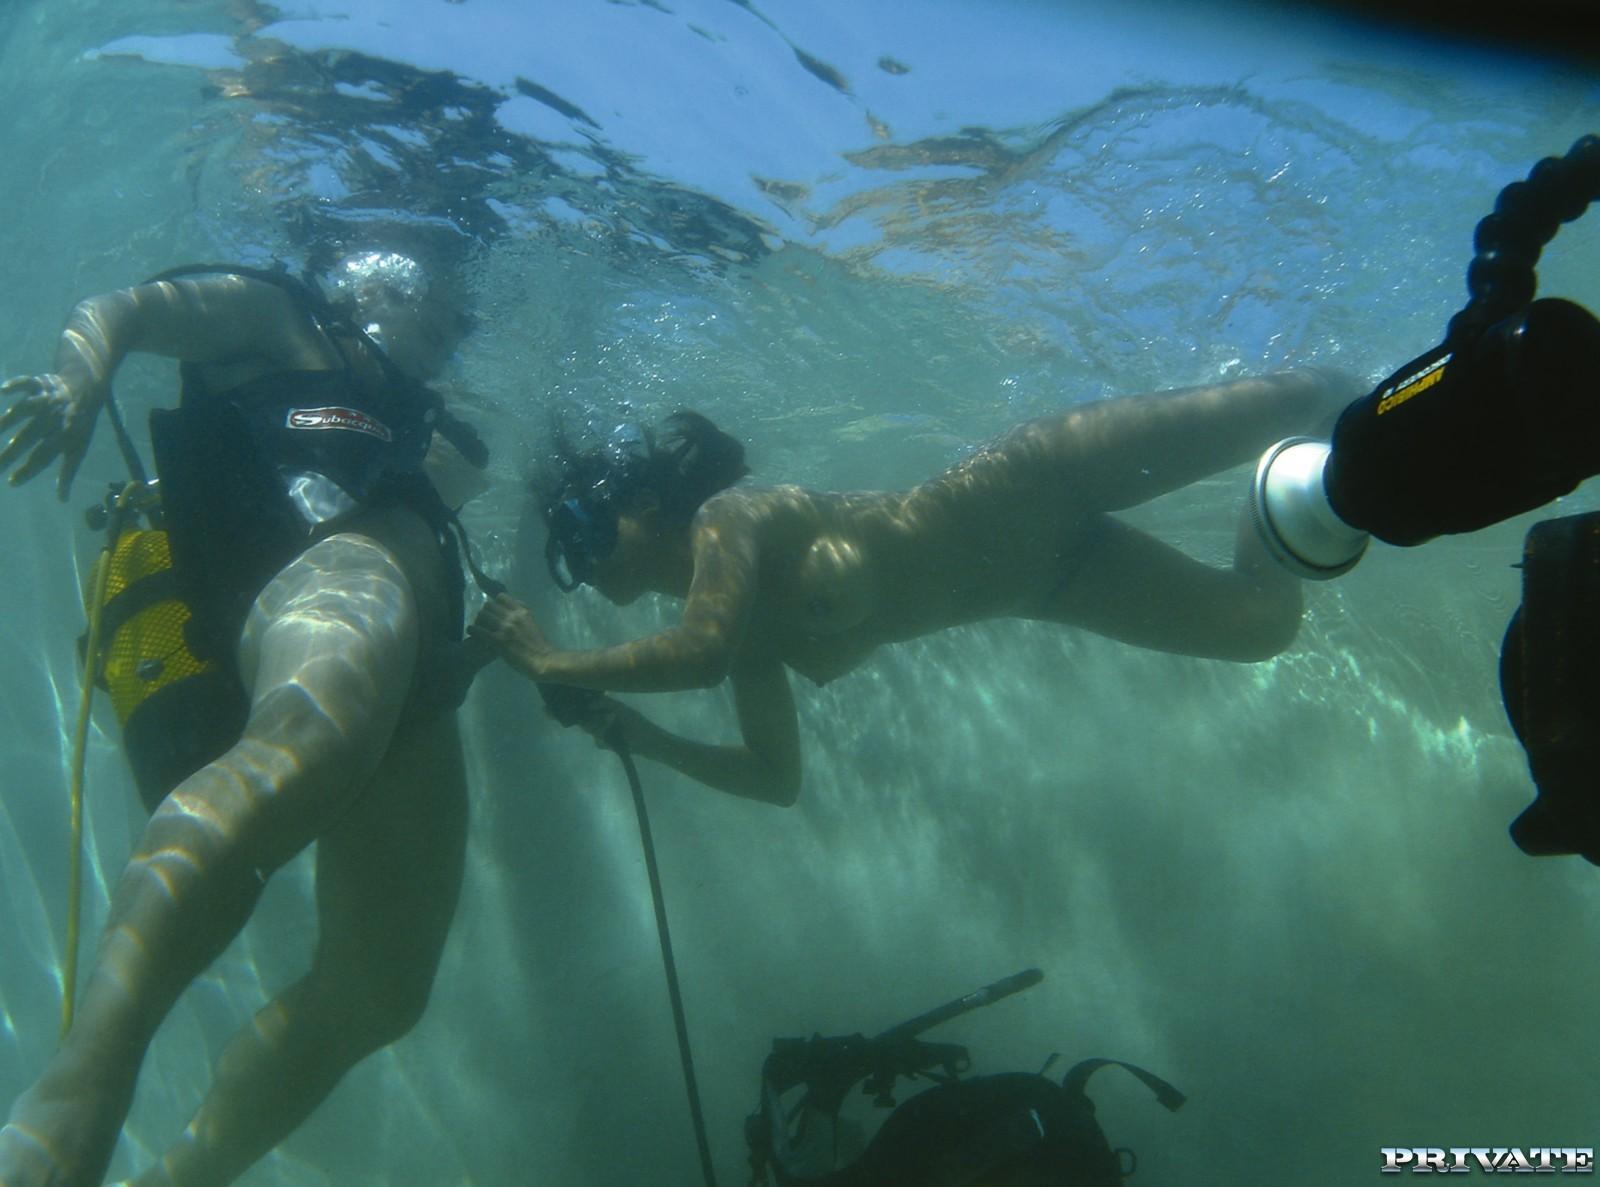 Фото под водой миньет, Супер фото красивого секса в воде 12 фотография